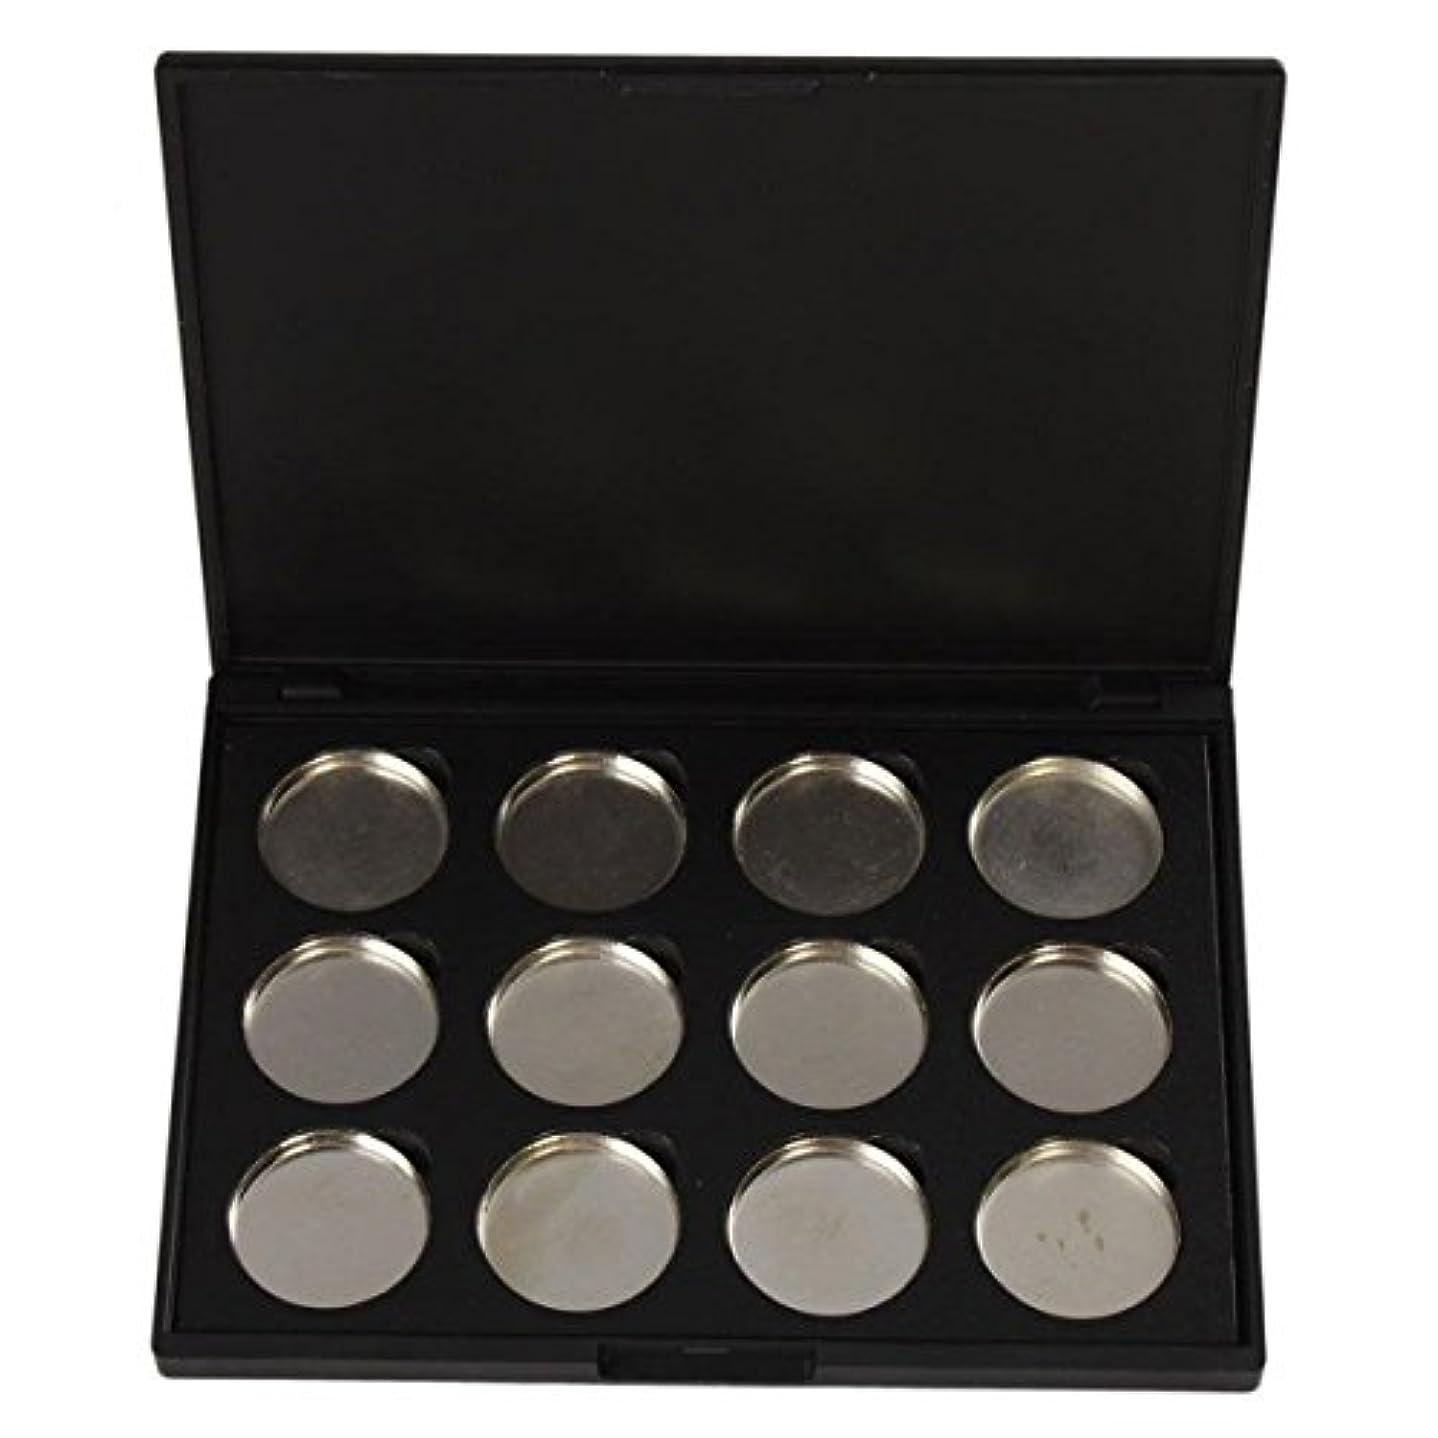 申請中パズル軽量メイクアップパレット Vodisa アイシャドウケース 空パレットメイクブラシDIY化粧品 便利 12色収納ボックス